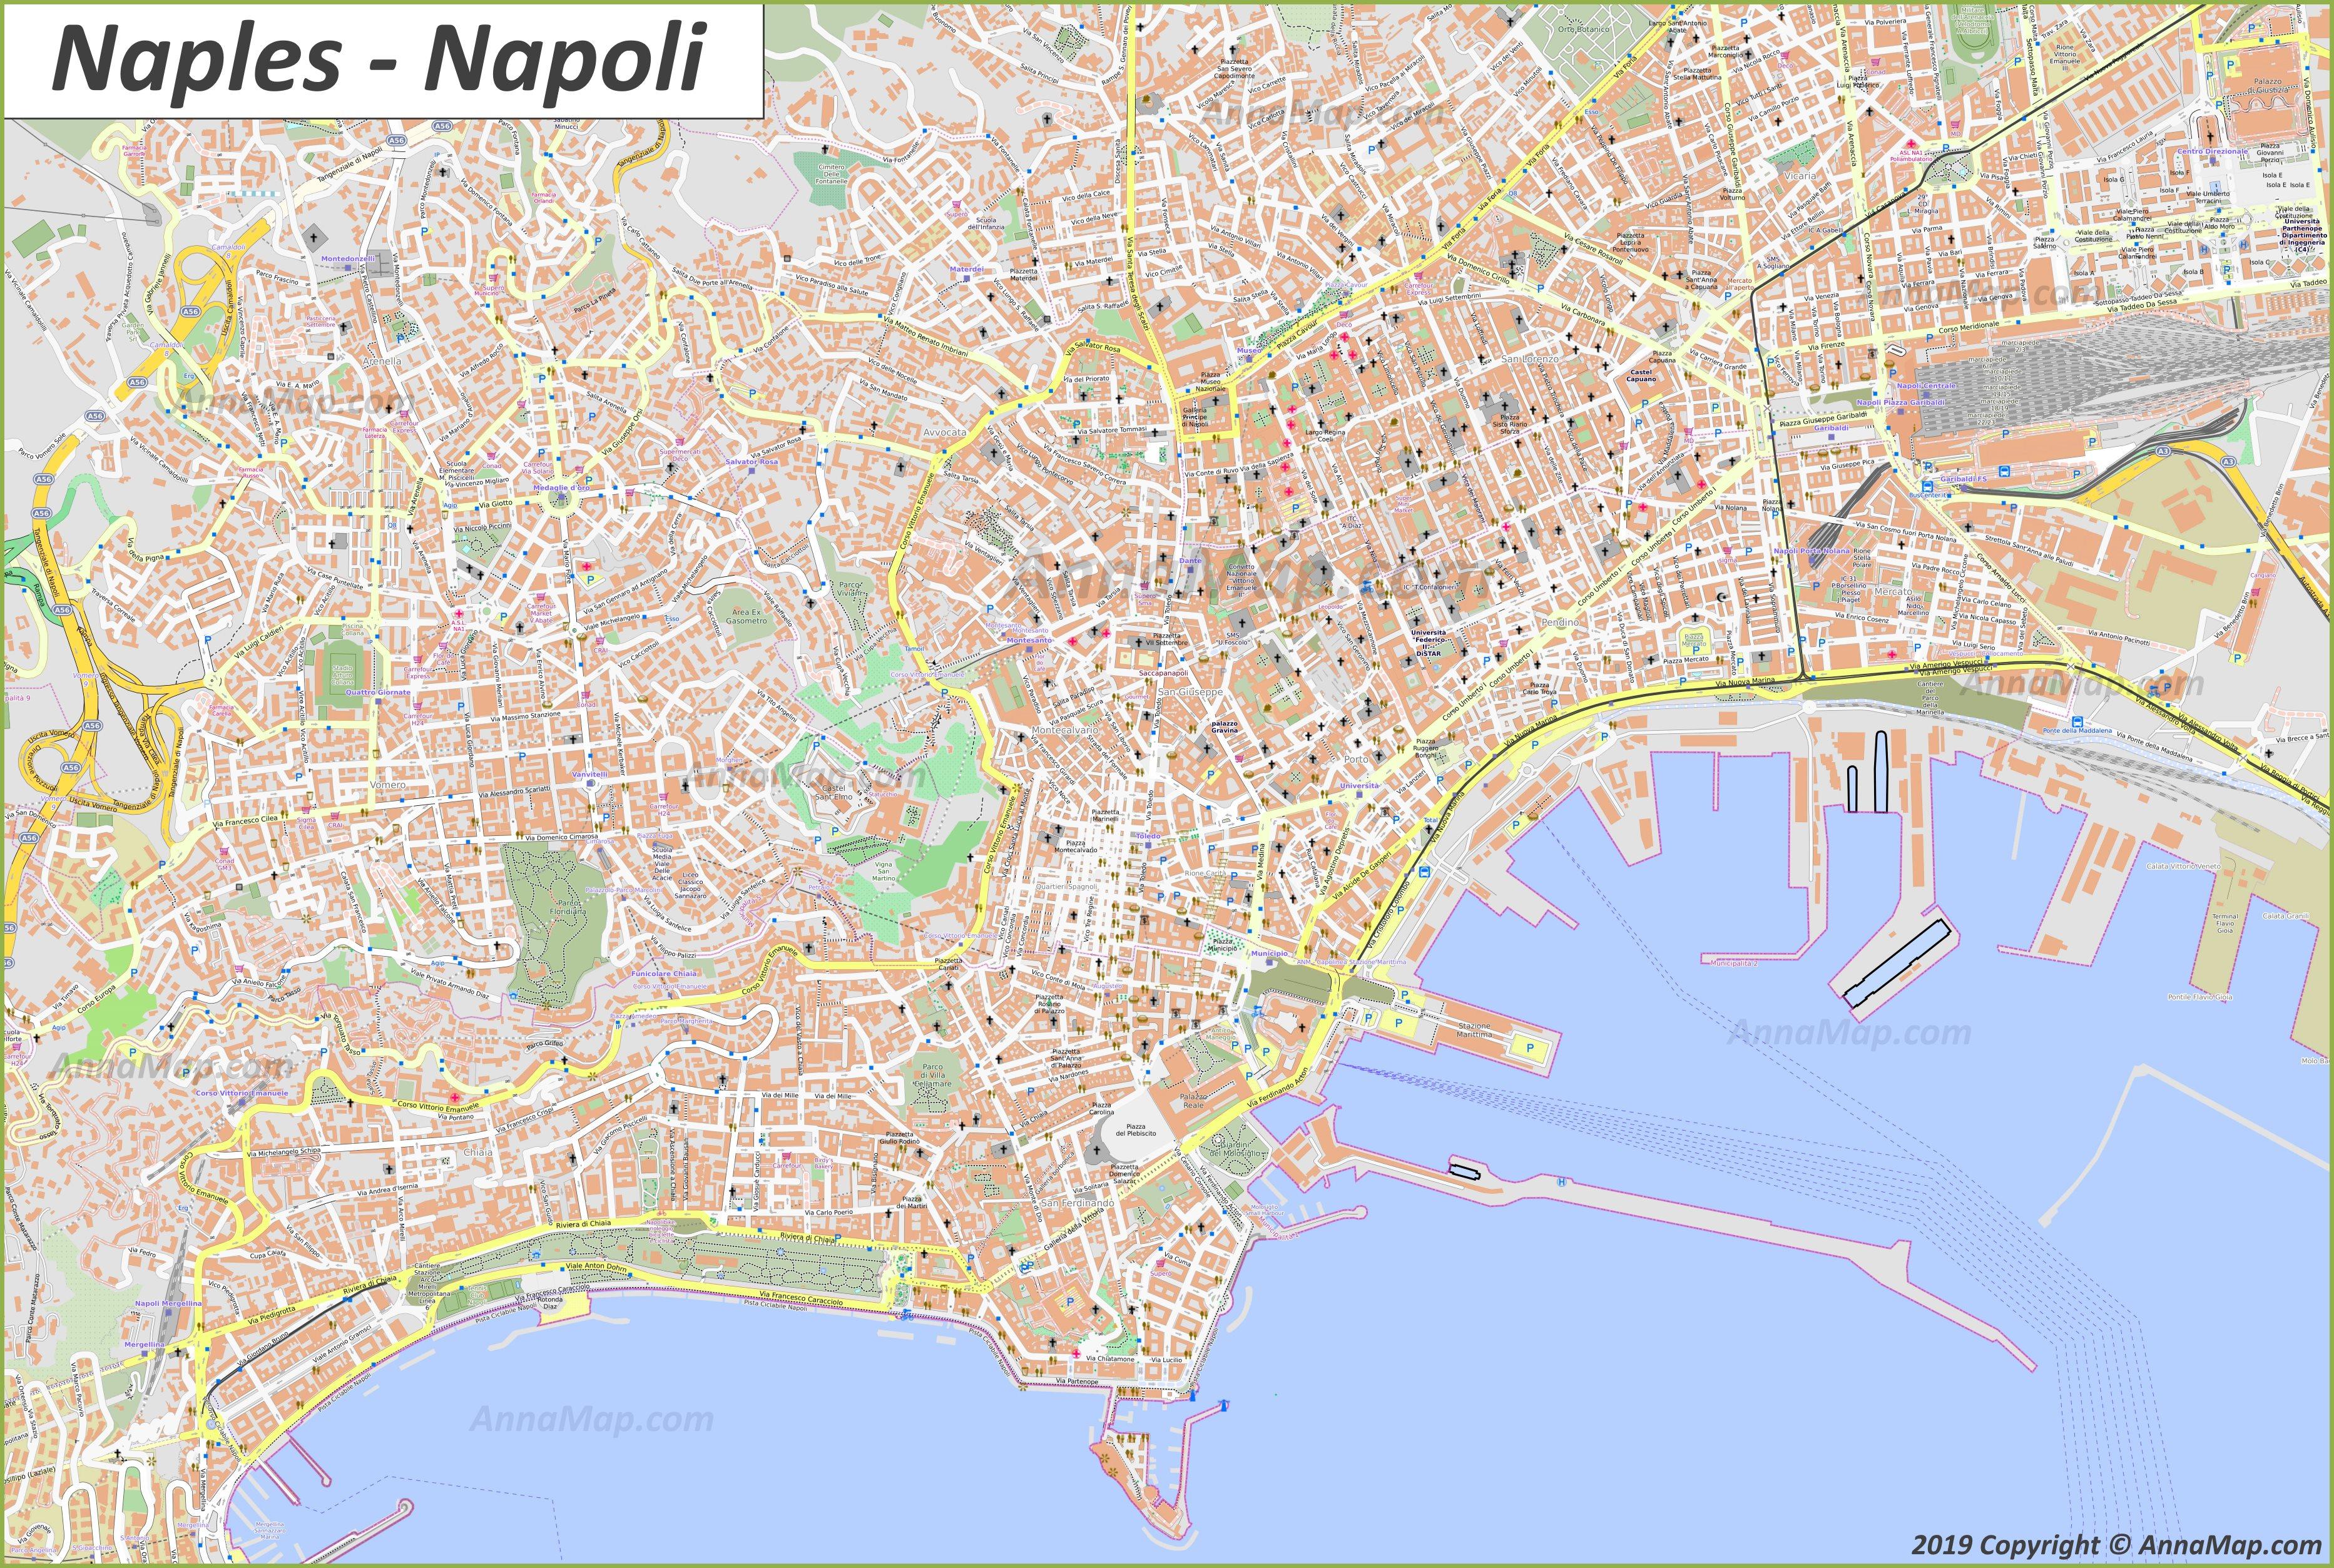 La Cartina Di Napoli.Mappe Turistiche Dettagliate Di Napoli Italia Mappe Stampabili Gratuite Di Napoli Annamappa Com